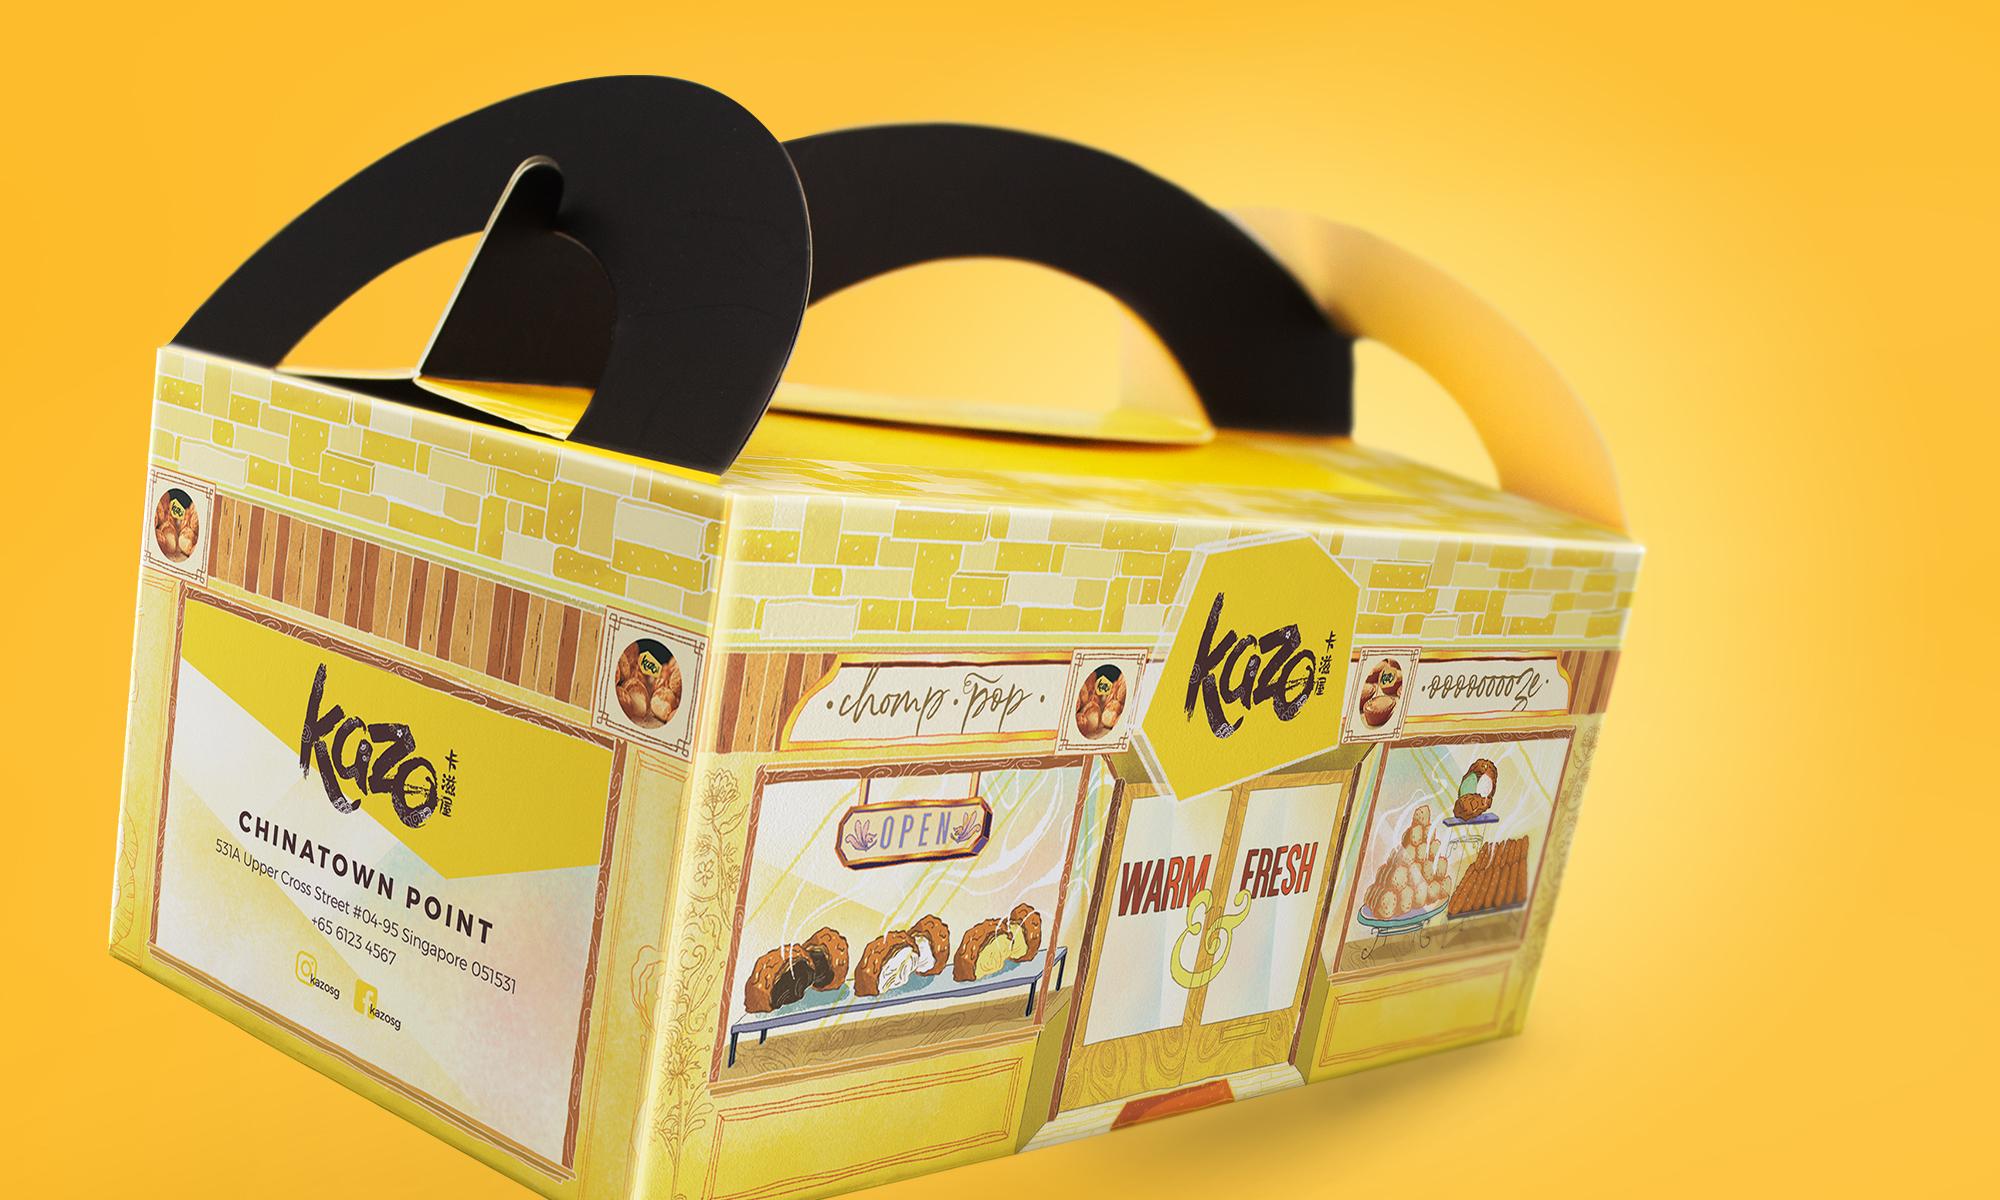 kazo-singapore-puffs-packaging.jpg